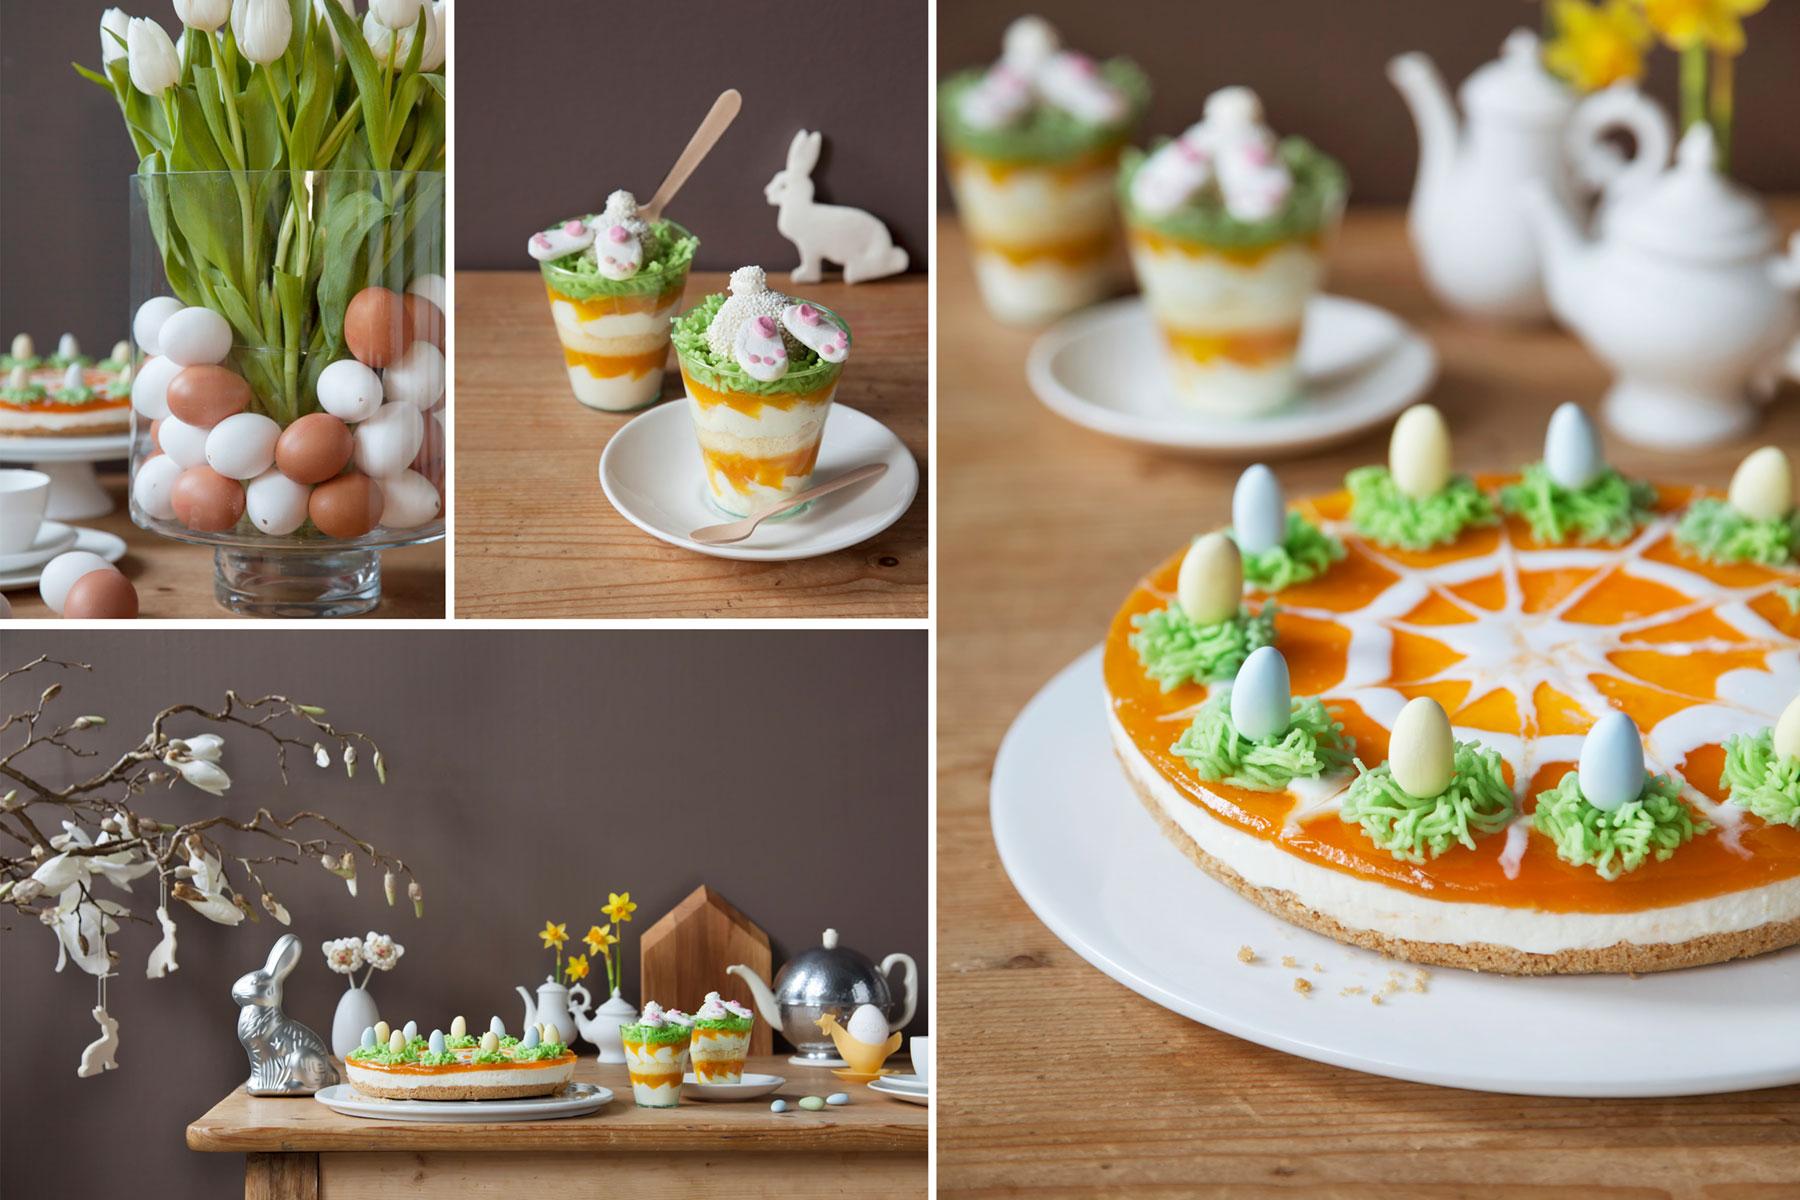 Kuchen zu Ostern Rezept und Ideen für festlich gedeckte Tafel